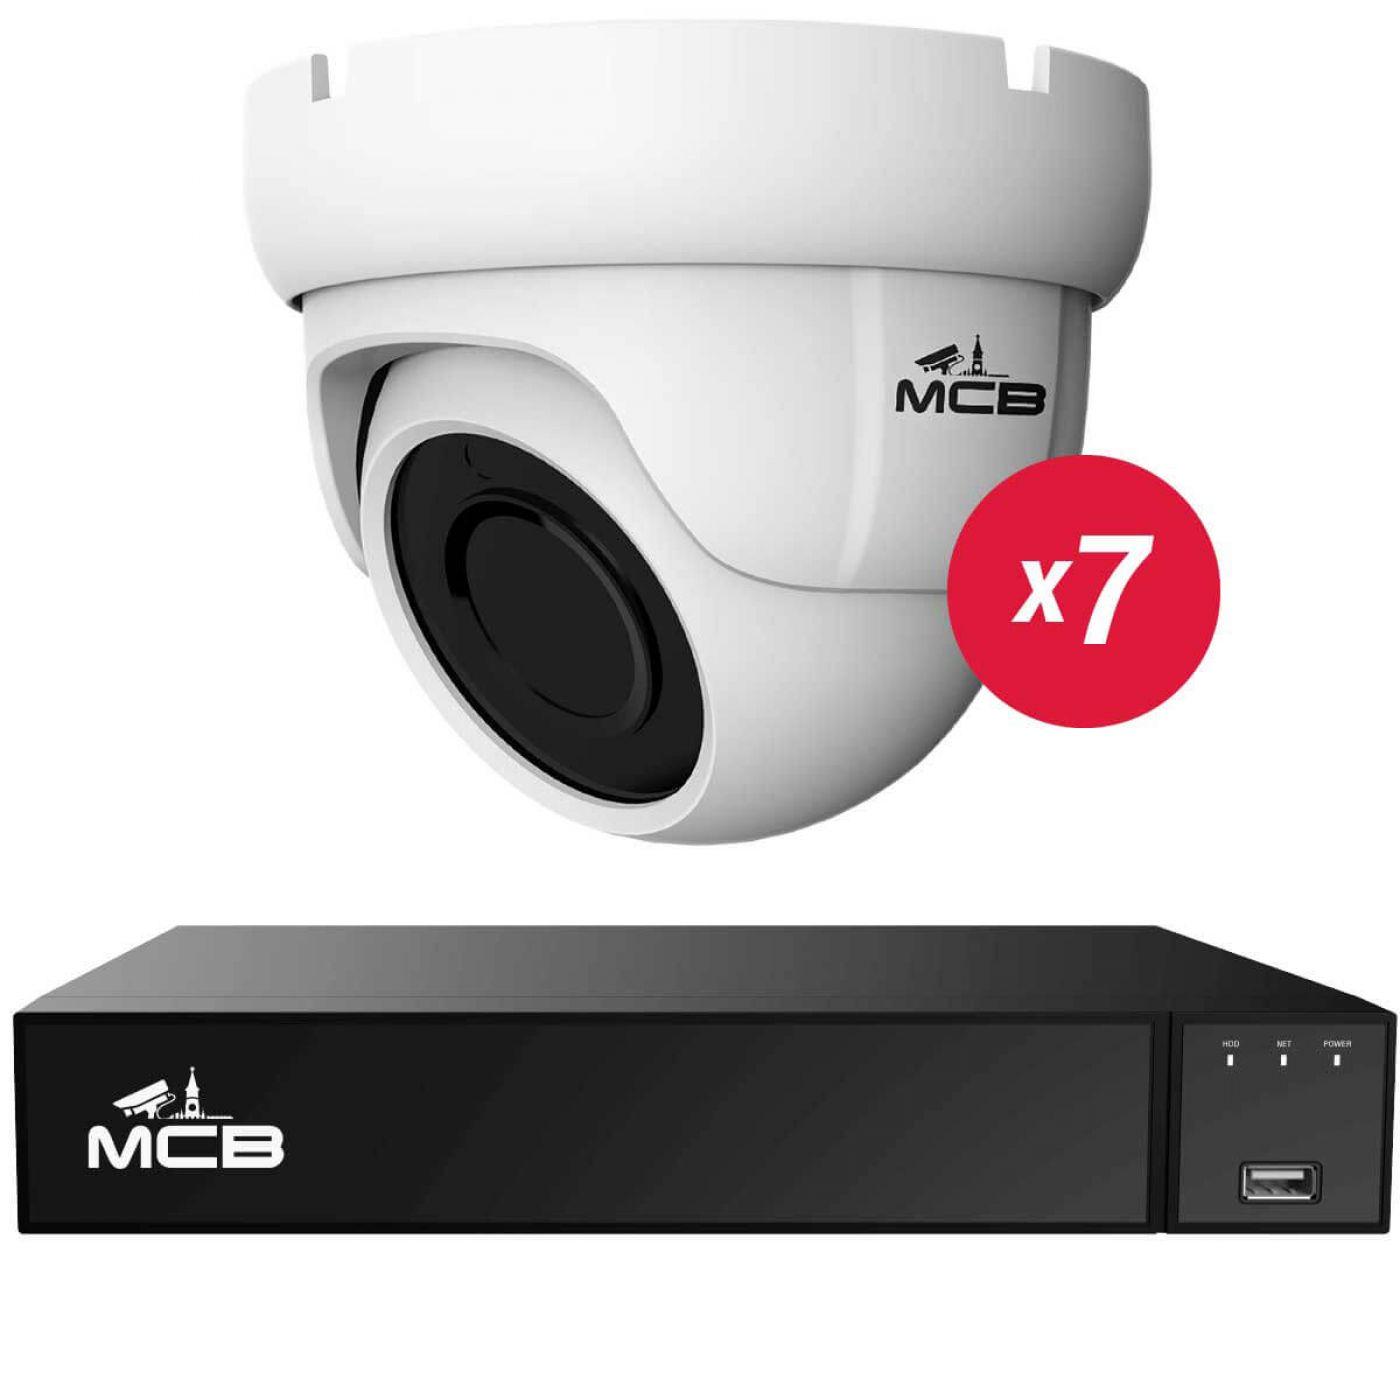 Комплект видеонаблюдения для помещения на 7 камер 5 Мегапикселей